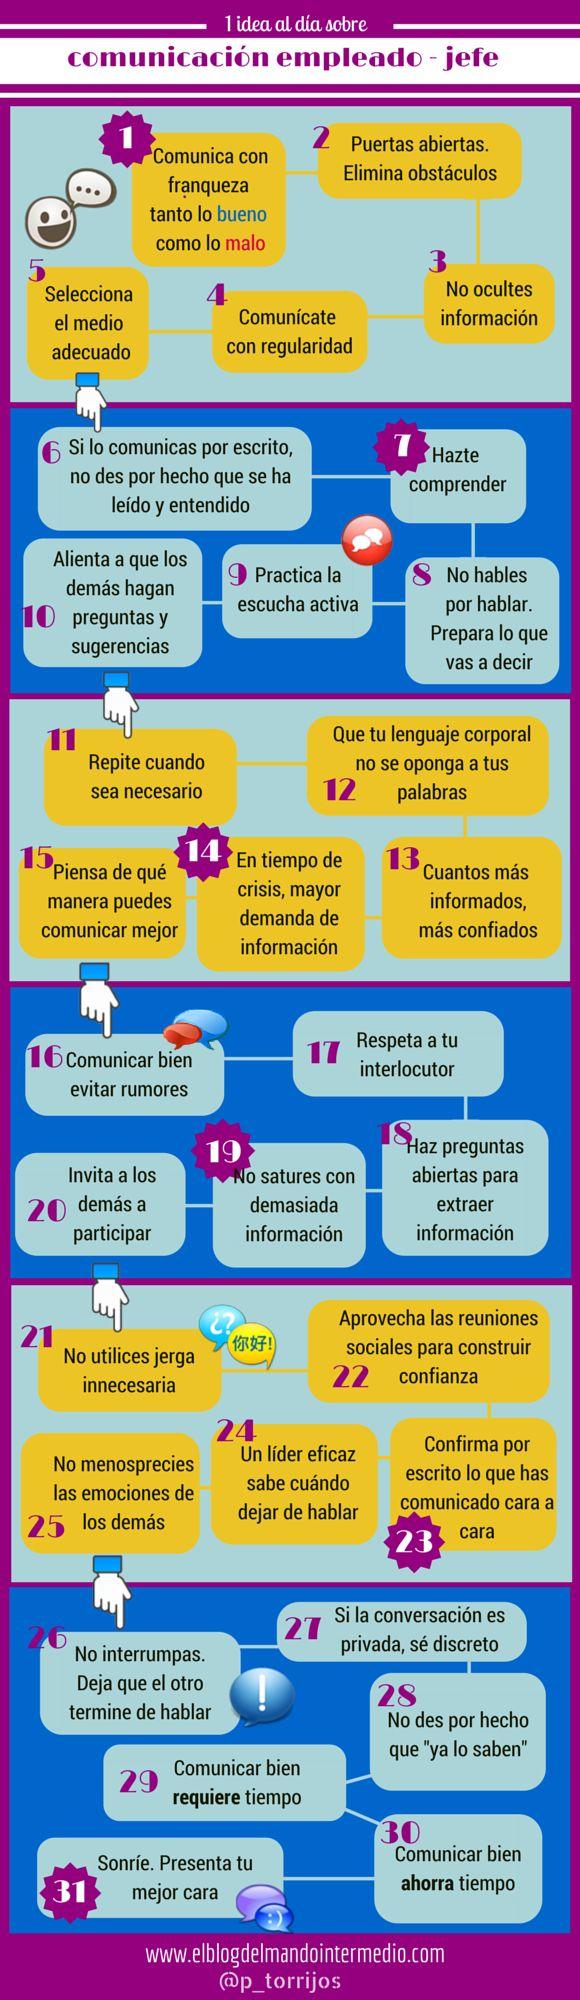 Cómo debe de ser la comunicación Empleado - Jefe #OrientaciónLaboral